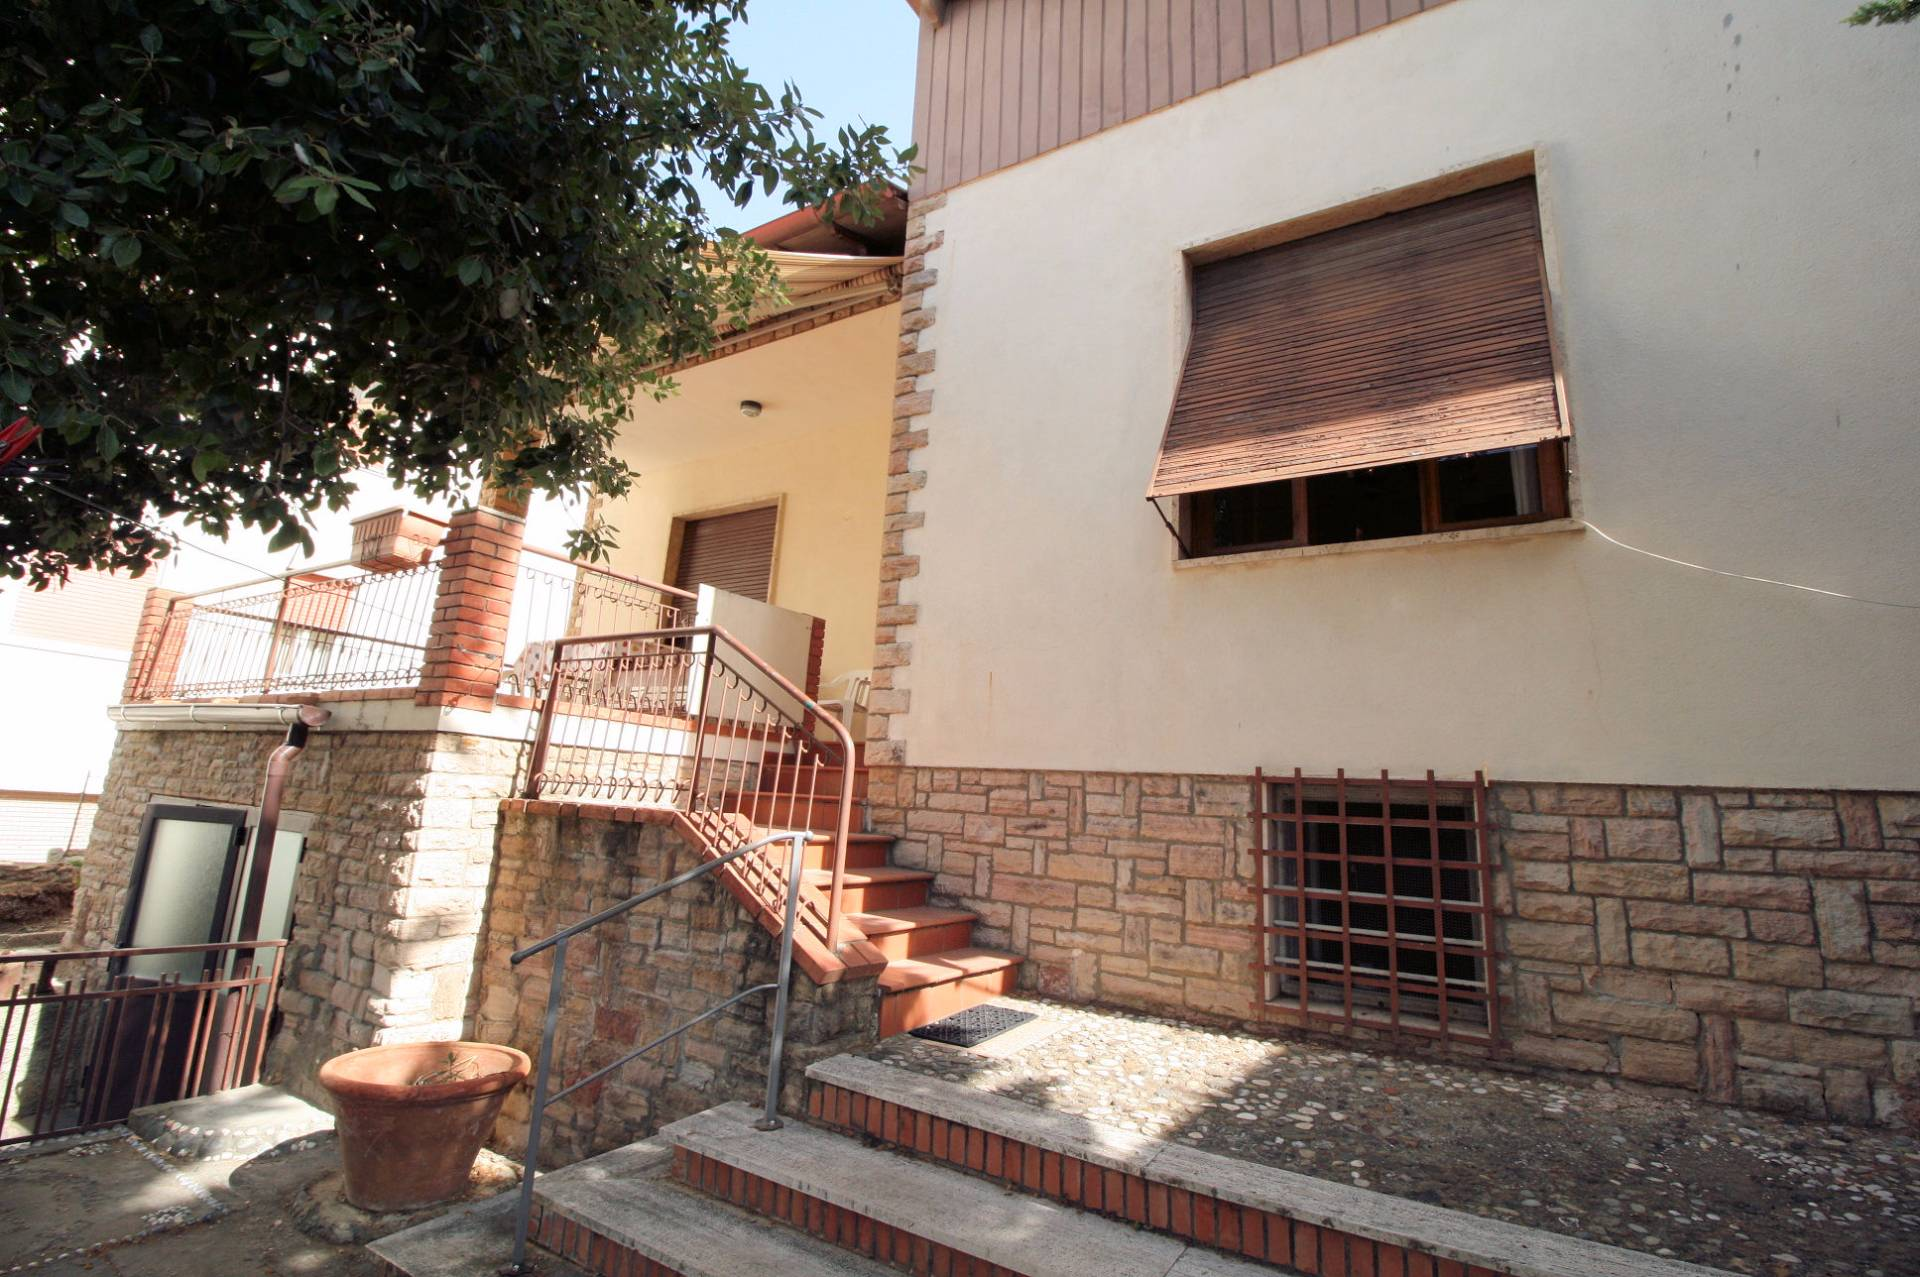 Villa in vendita a San Vincenzo, 5 locali, prezzo € 360.000 | CambioCasa.it